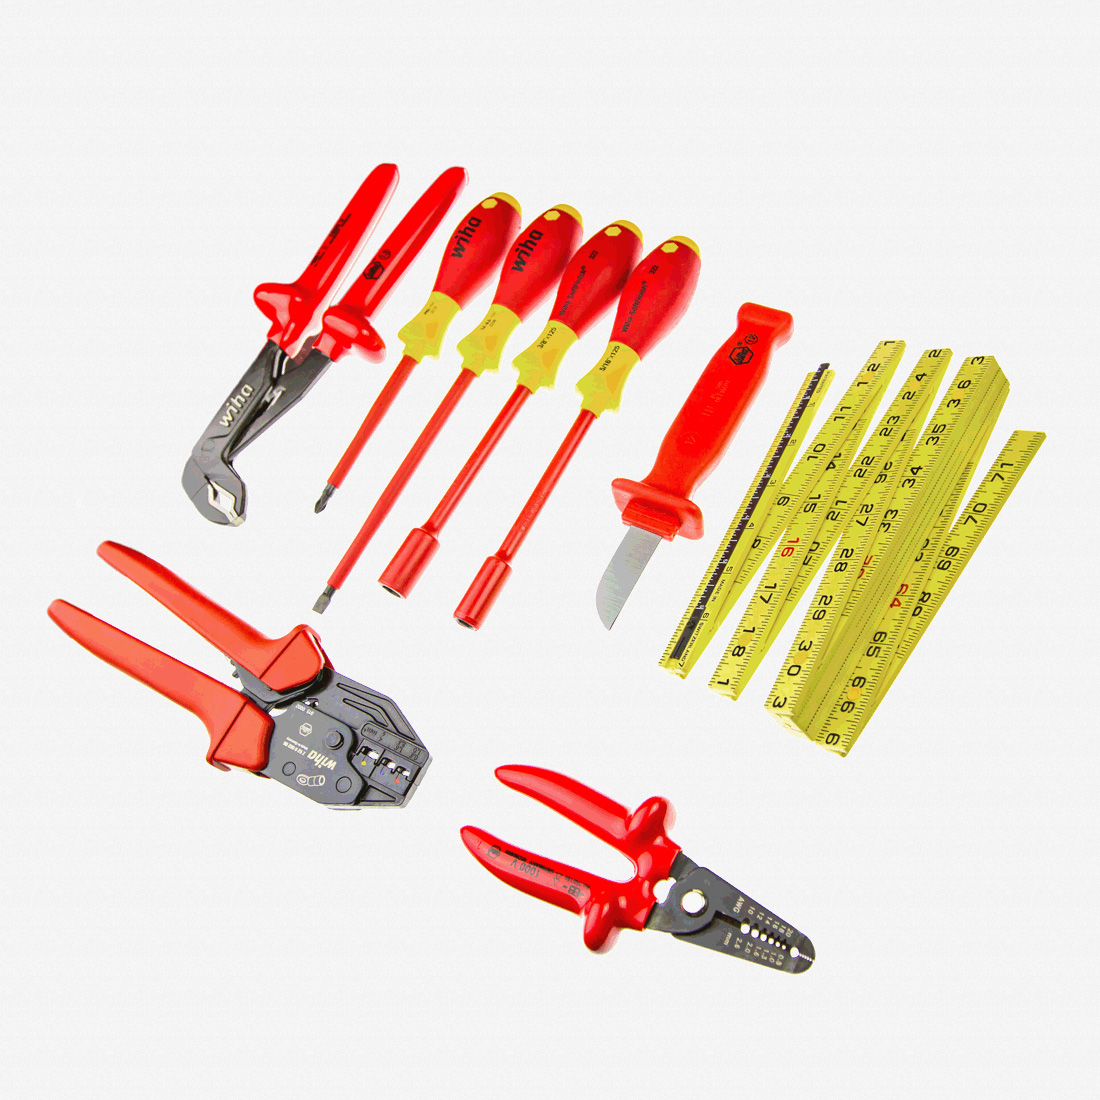 9 Piece Electricians Starter Tool Kit - KC Tool